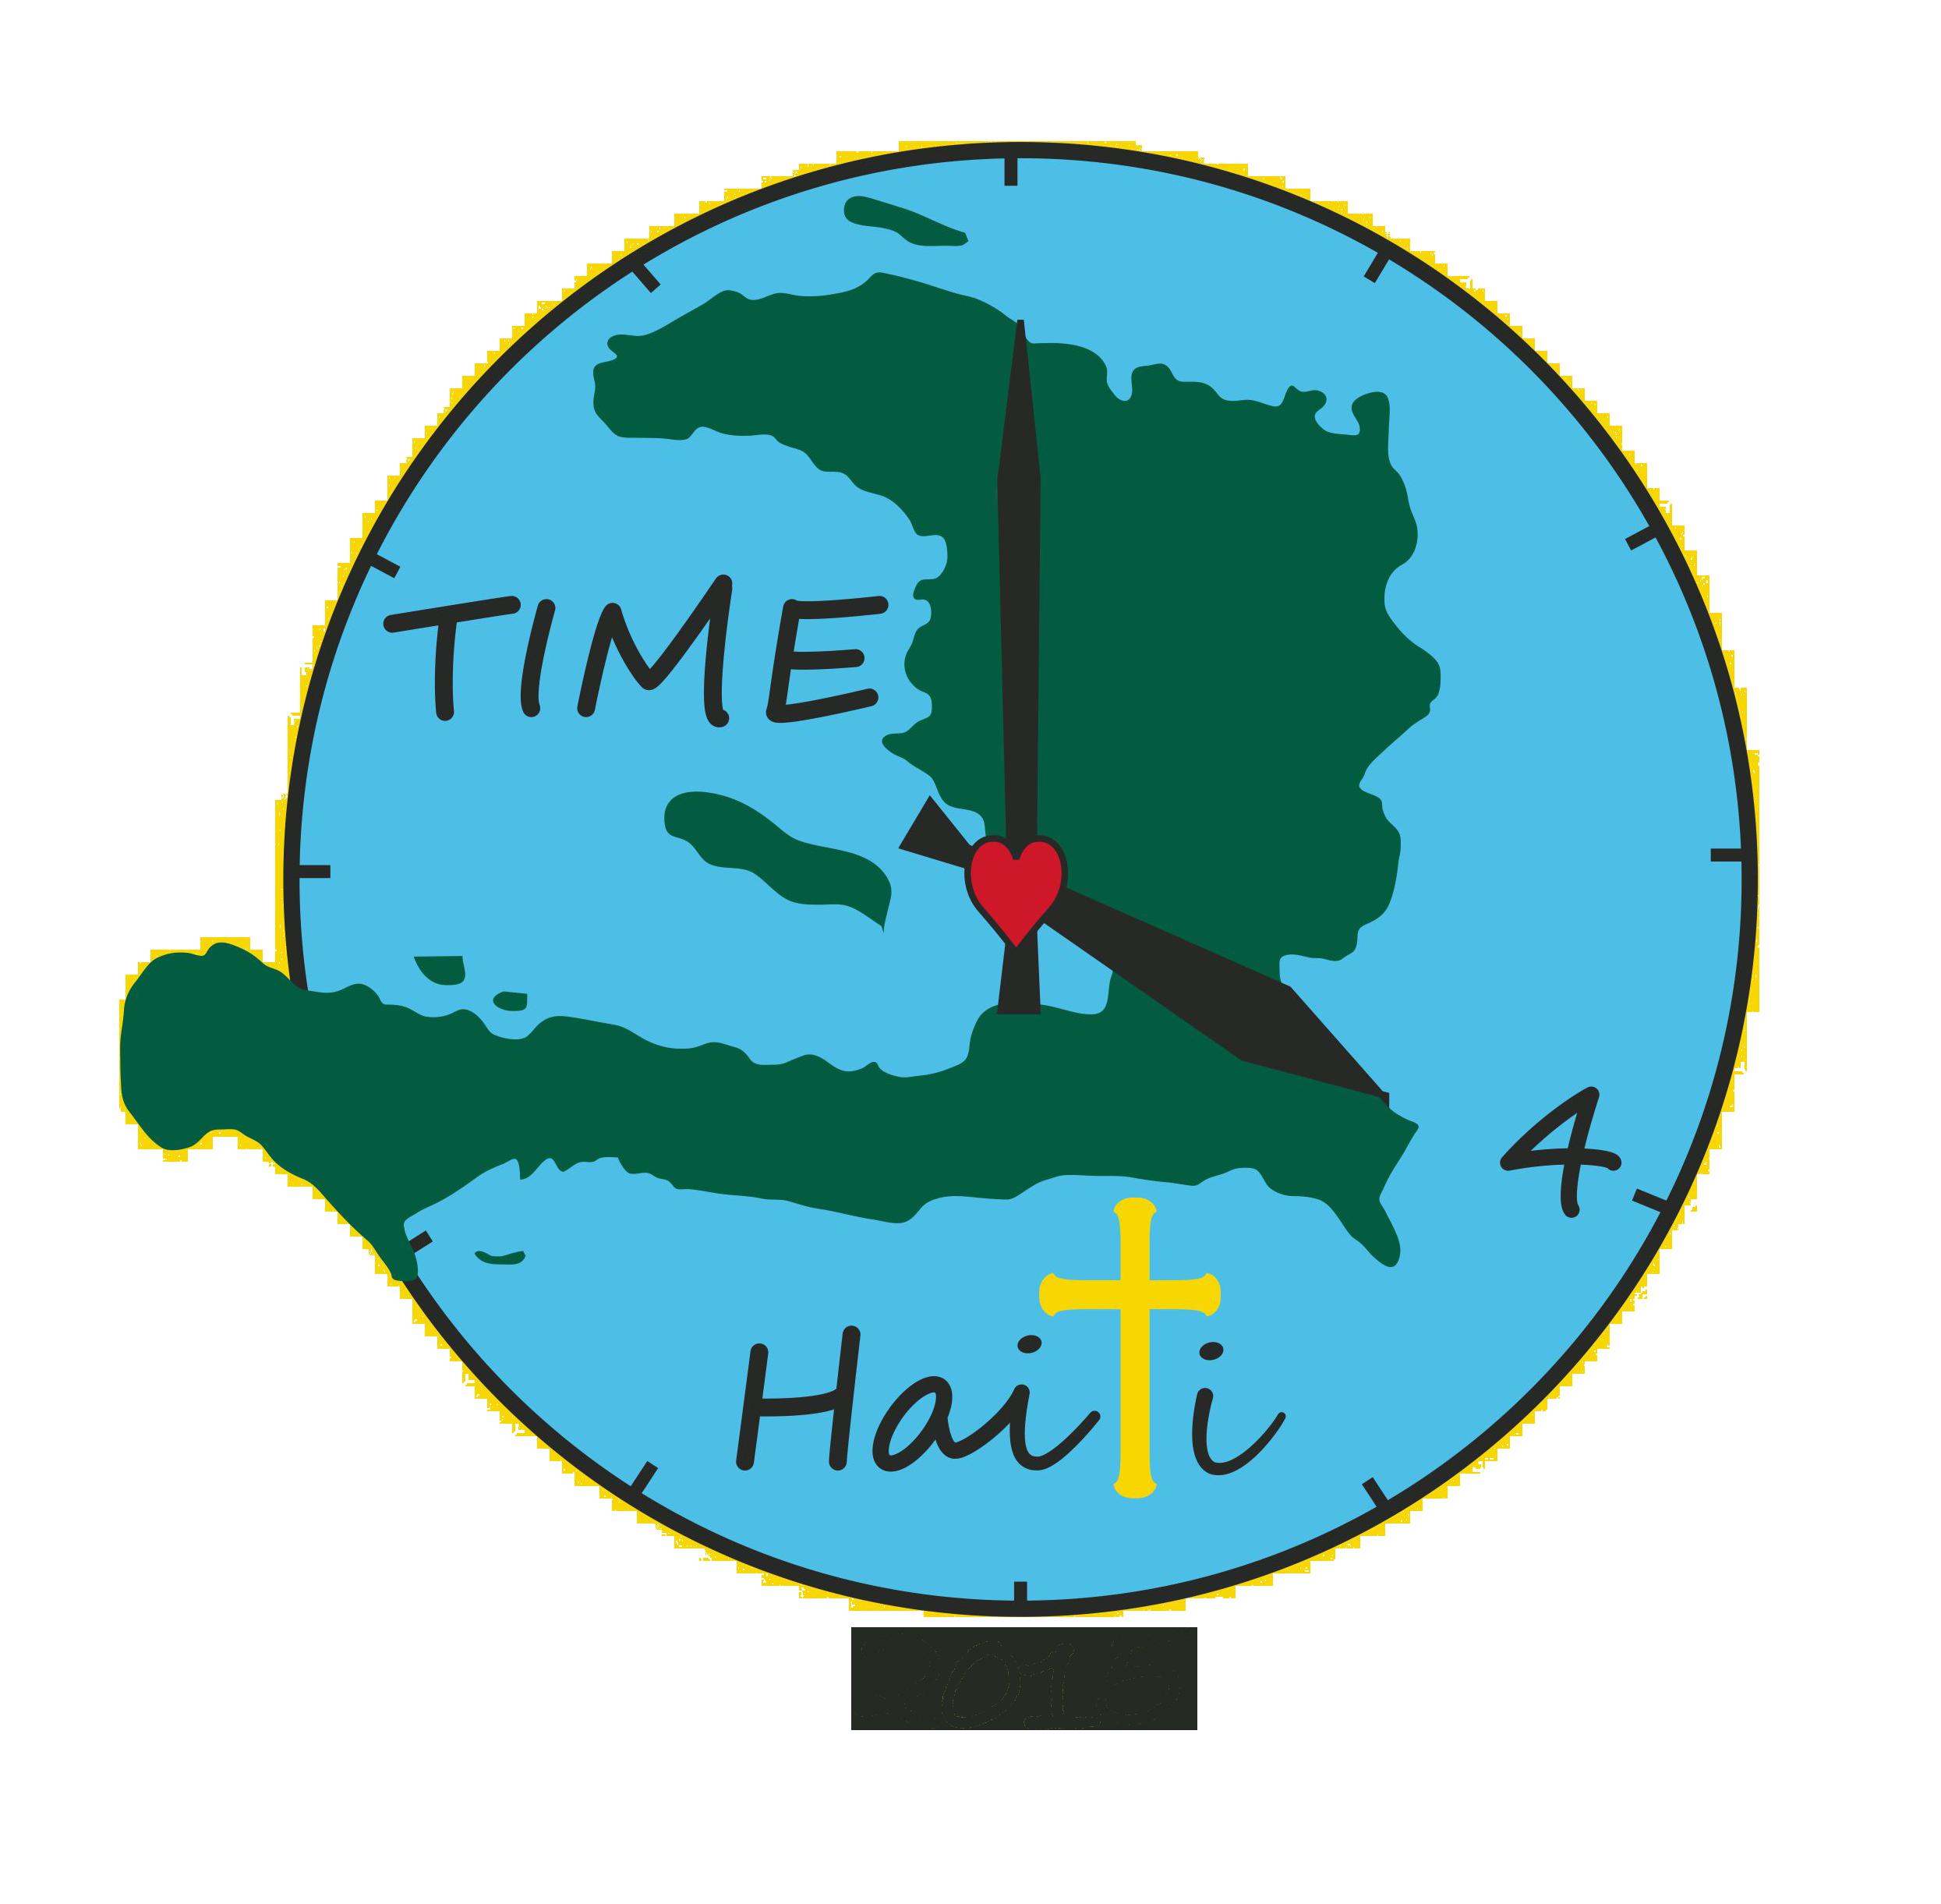 Time4Haiti